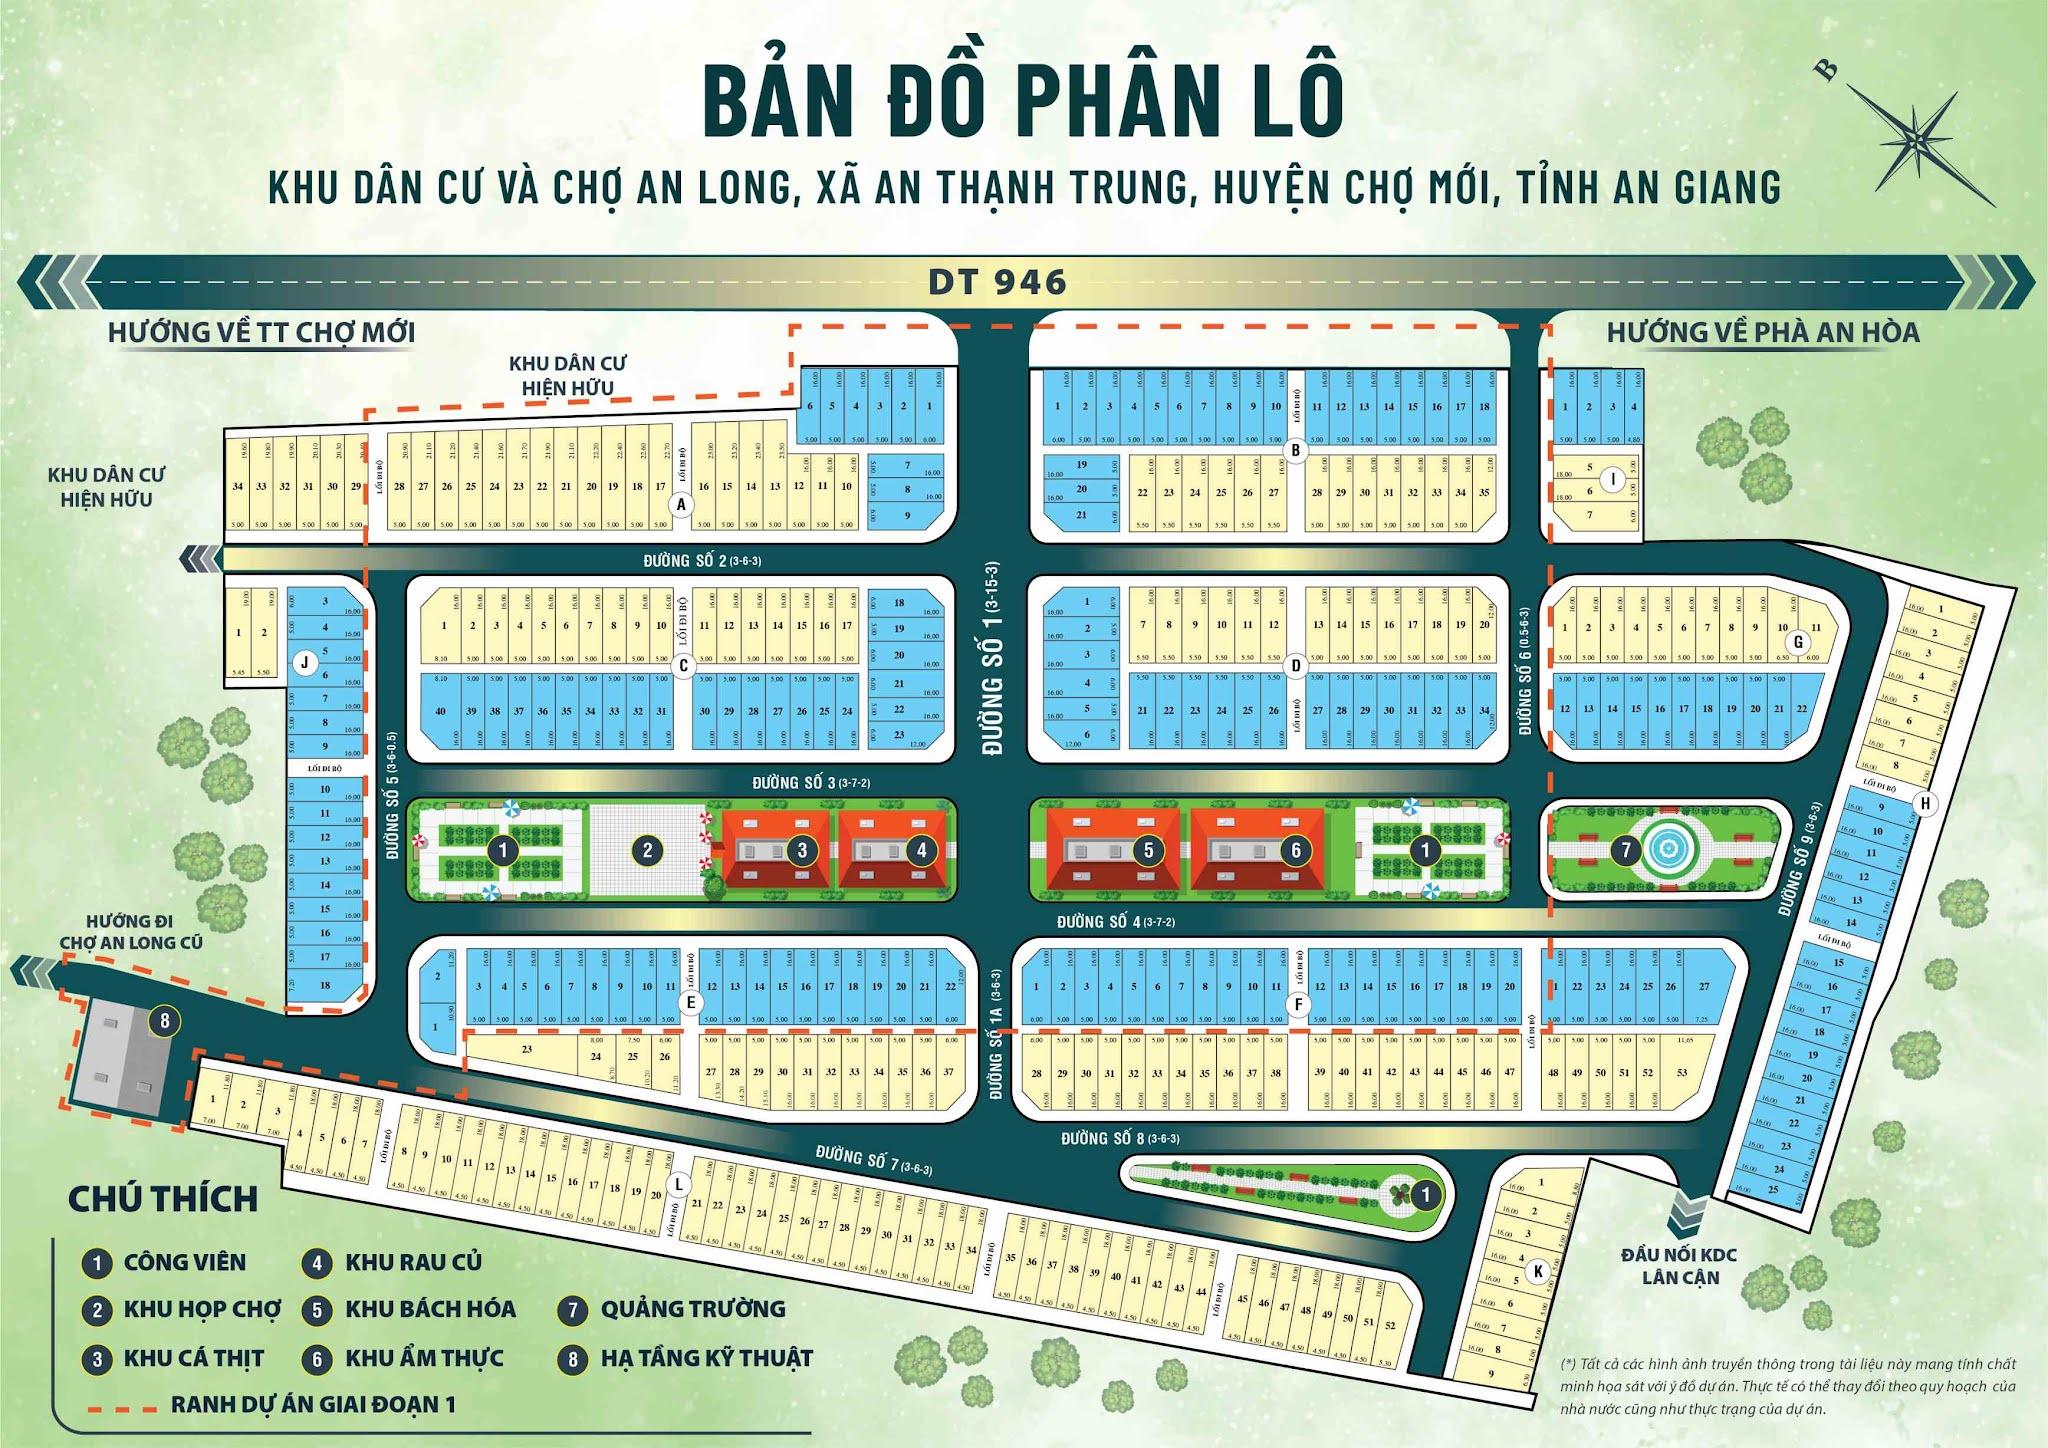 Bản đồ tổng thể mặt bằng phân lô Khu dân cư và chợ An Long